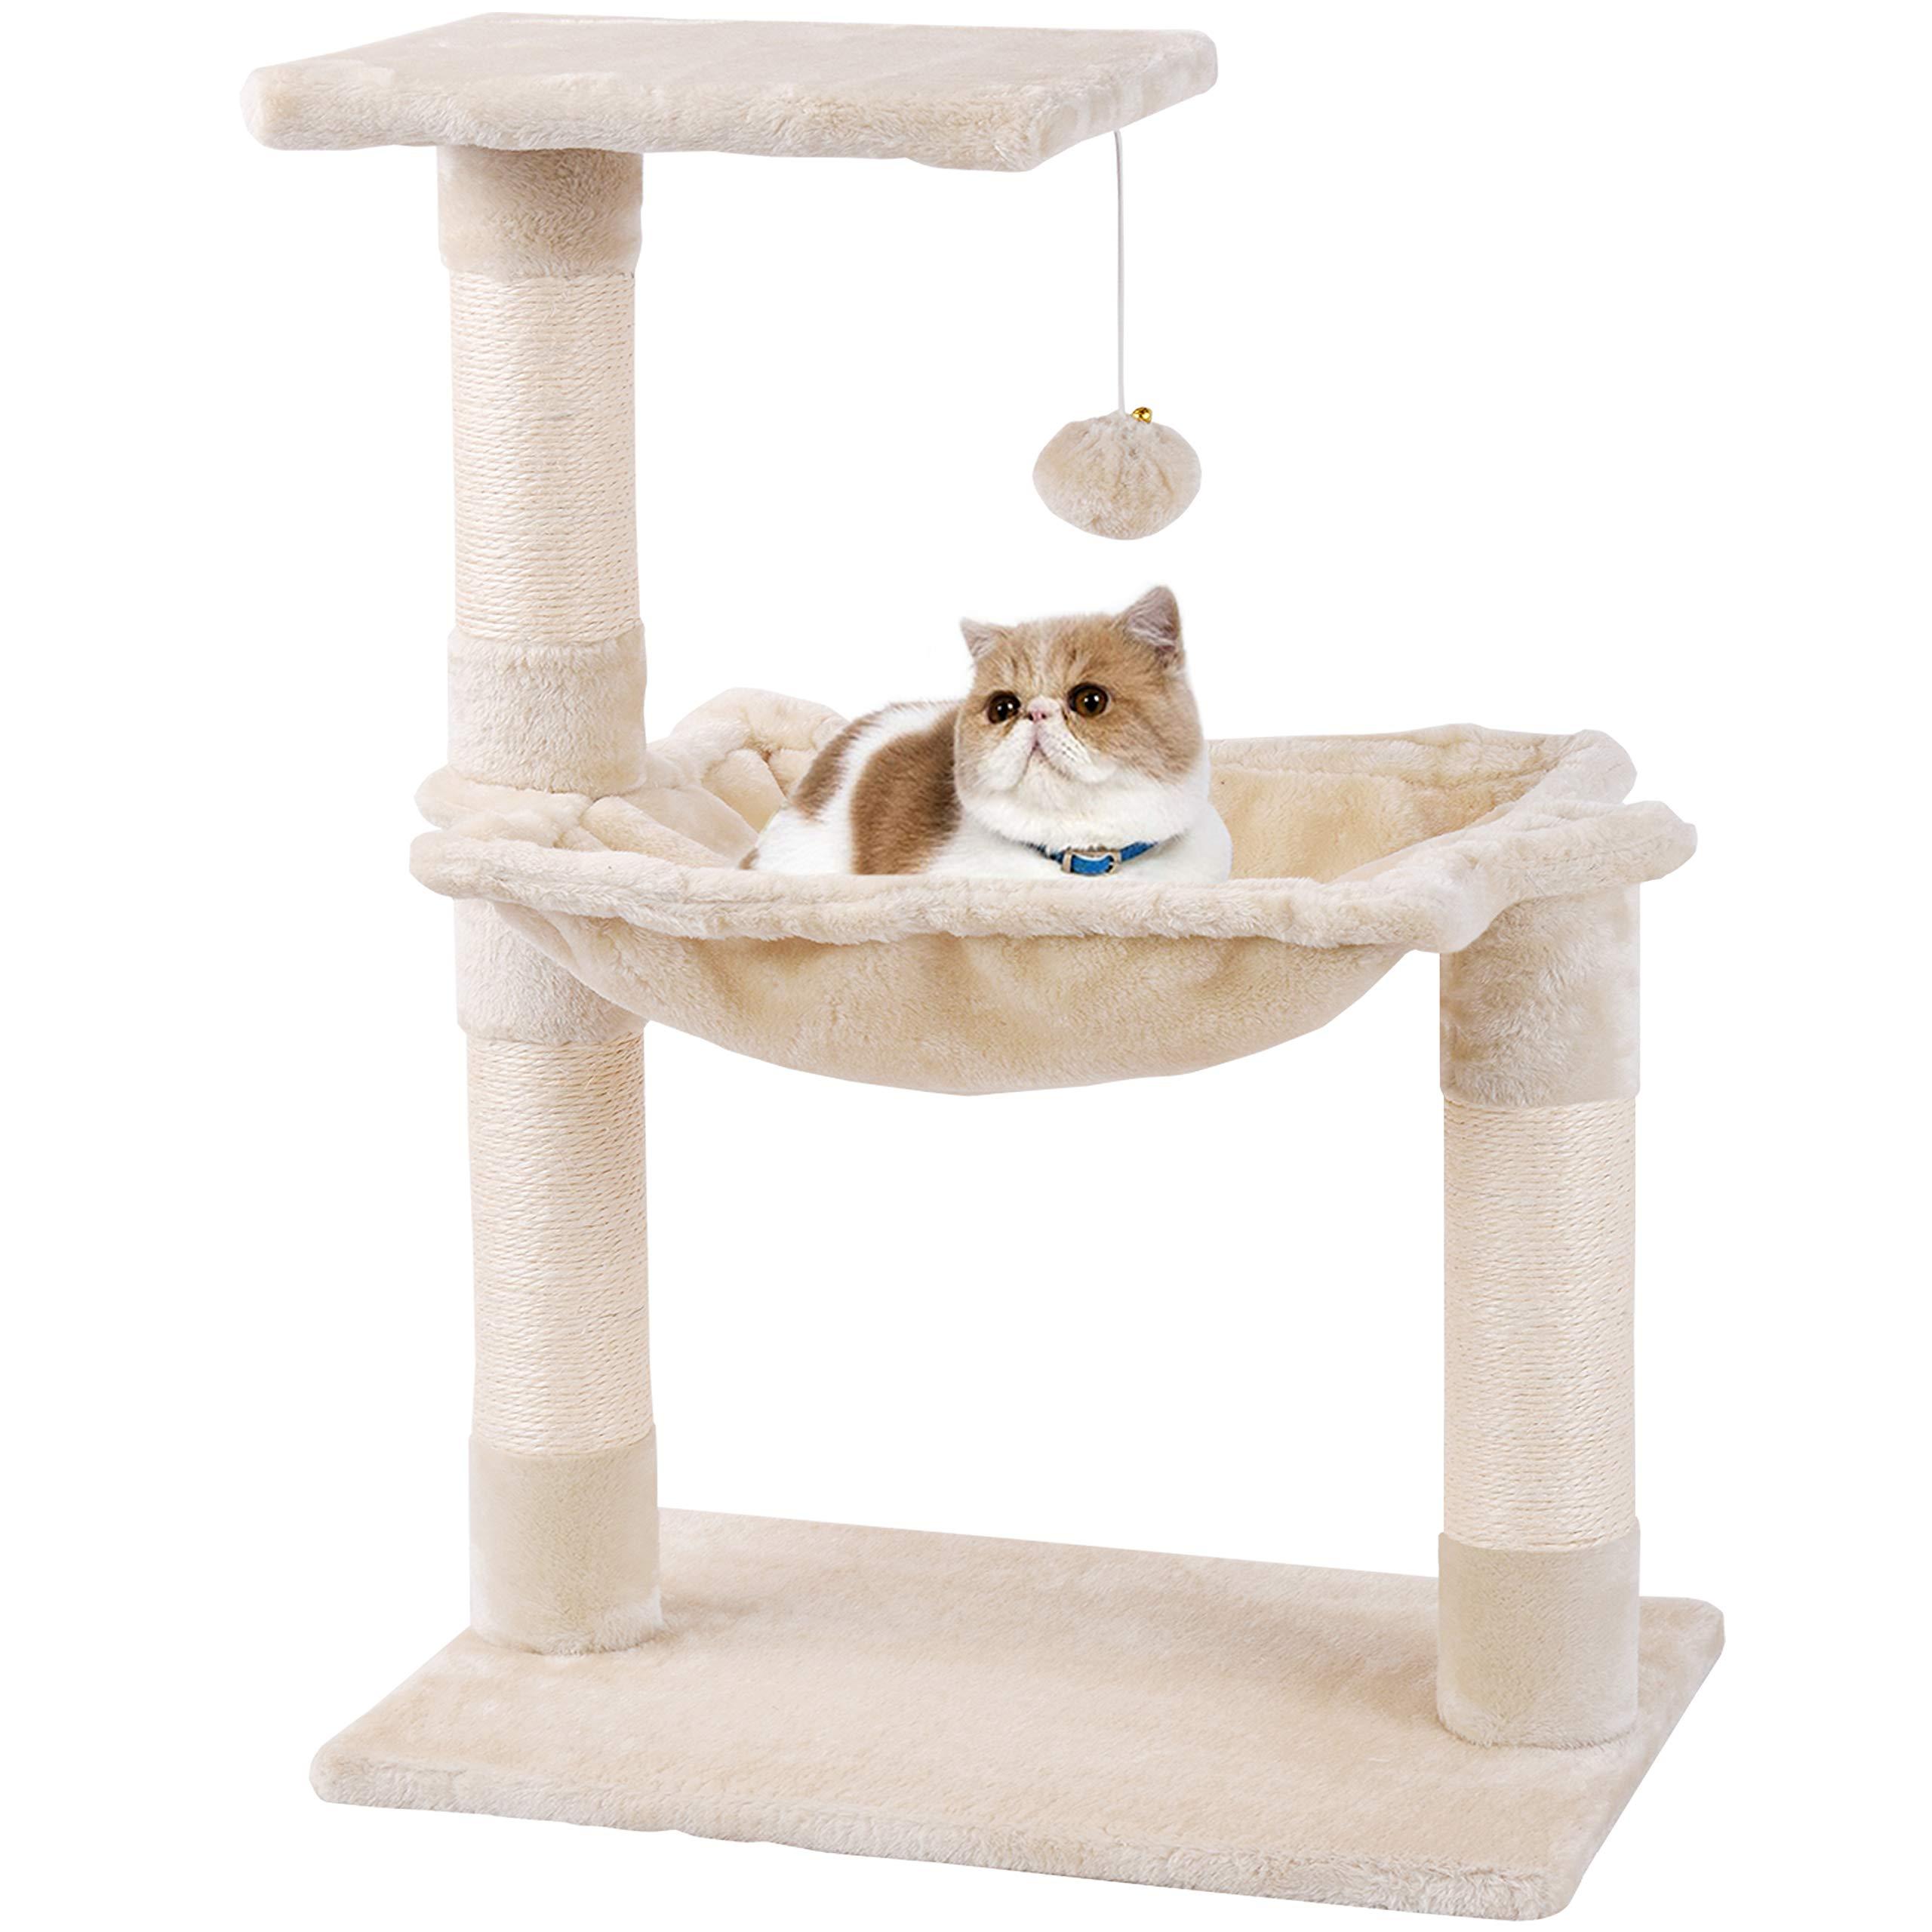 MC Star Árbol para Gato pequeño con Grandes Hamaca Rascador Cama Bolas de Juego Arañazo Plataforma Sisal Natural 70cm, Beige: Amazon.es: Productos para mascotas